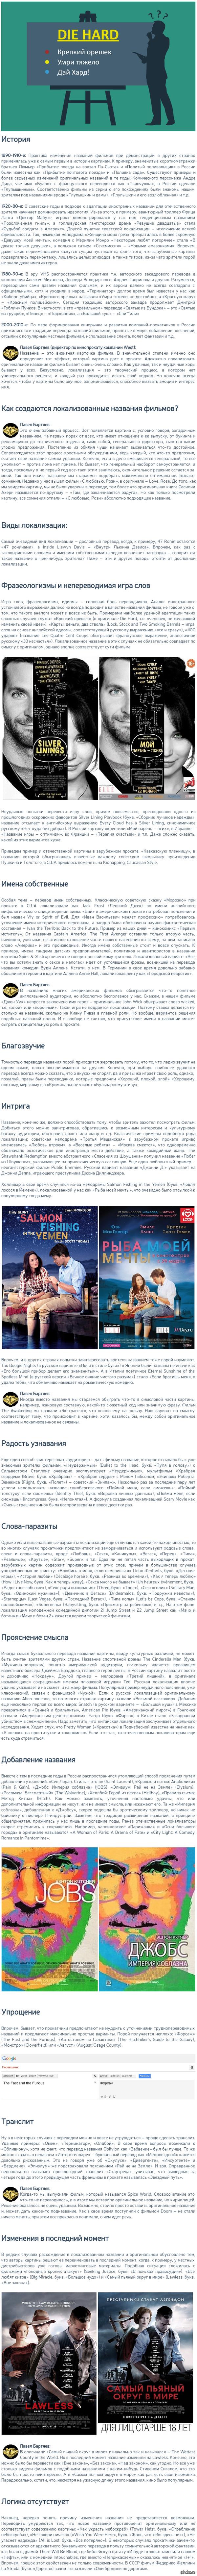 Как переводят и локализуют названия иностранных фильмов